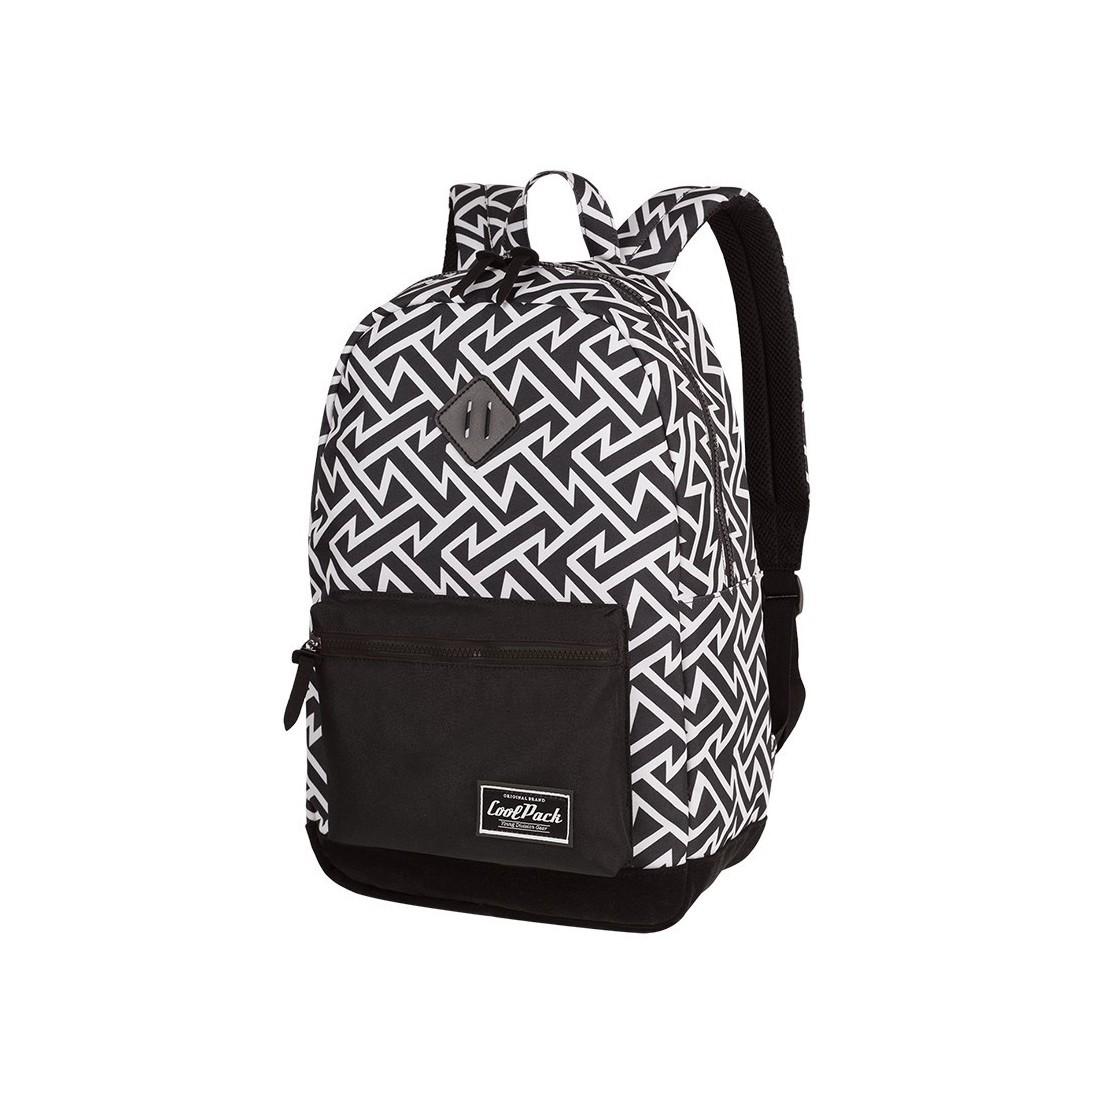 Plecak miejski CoolPack CP GRASP BLACK & WHITE TRIBAL geometryczne białe wzory czarne tło - A124